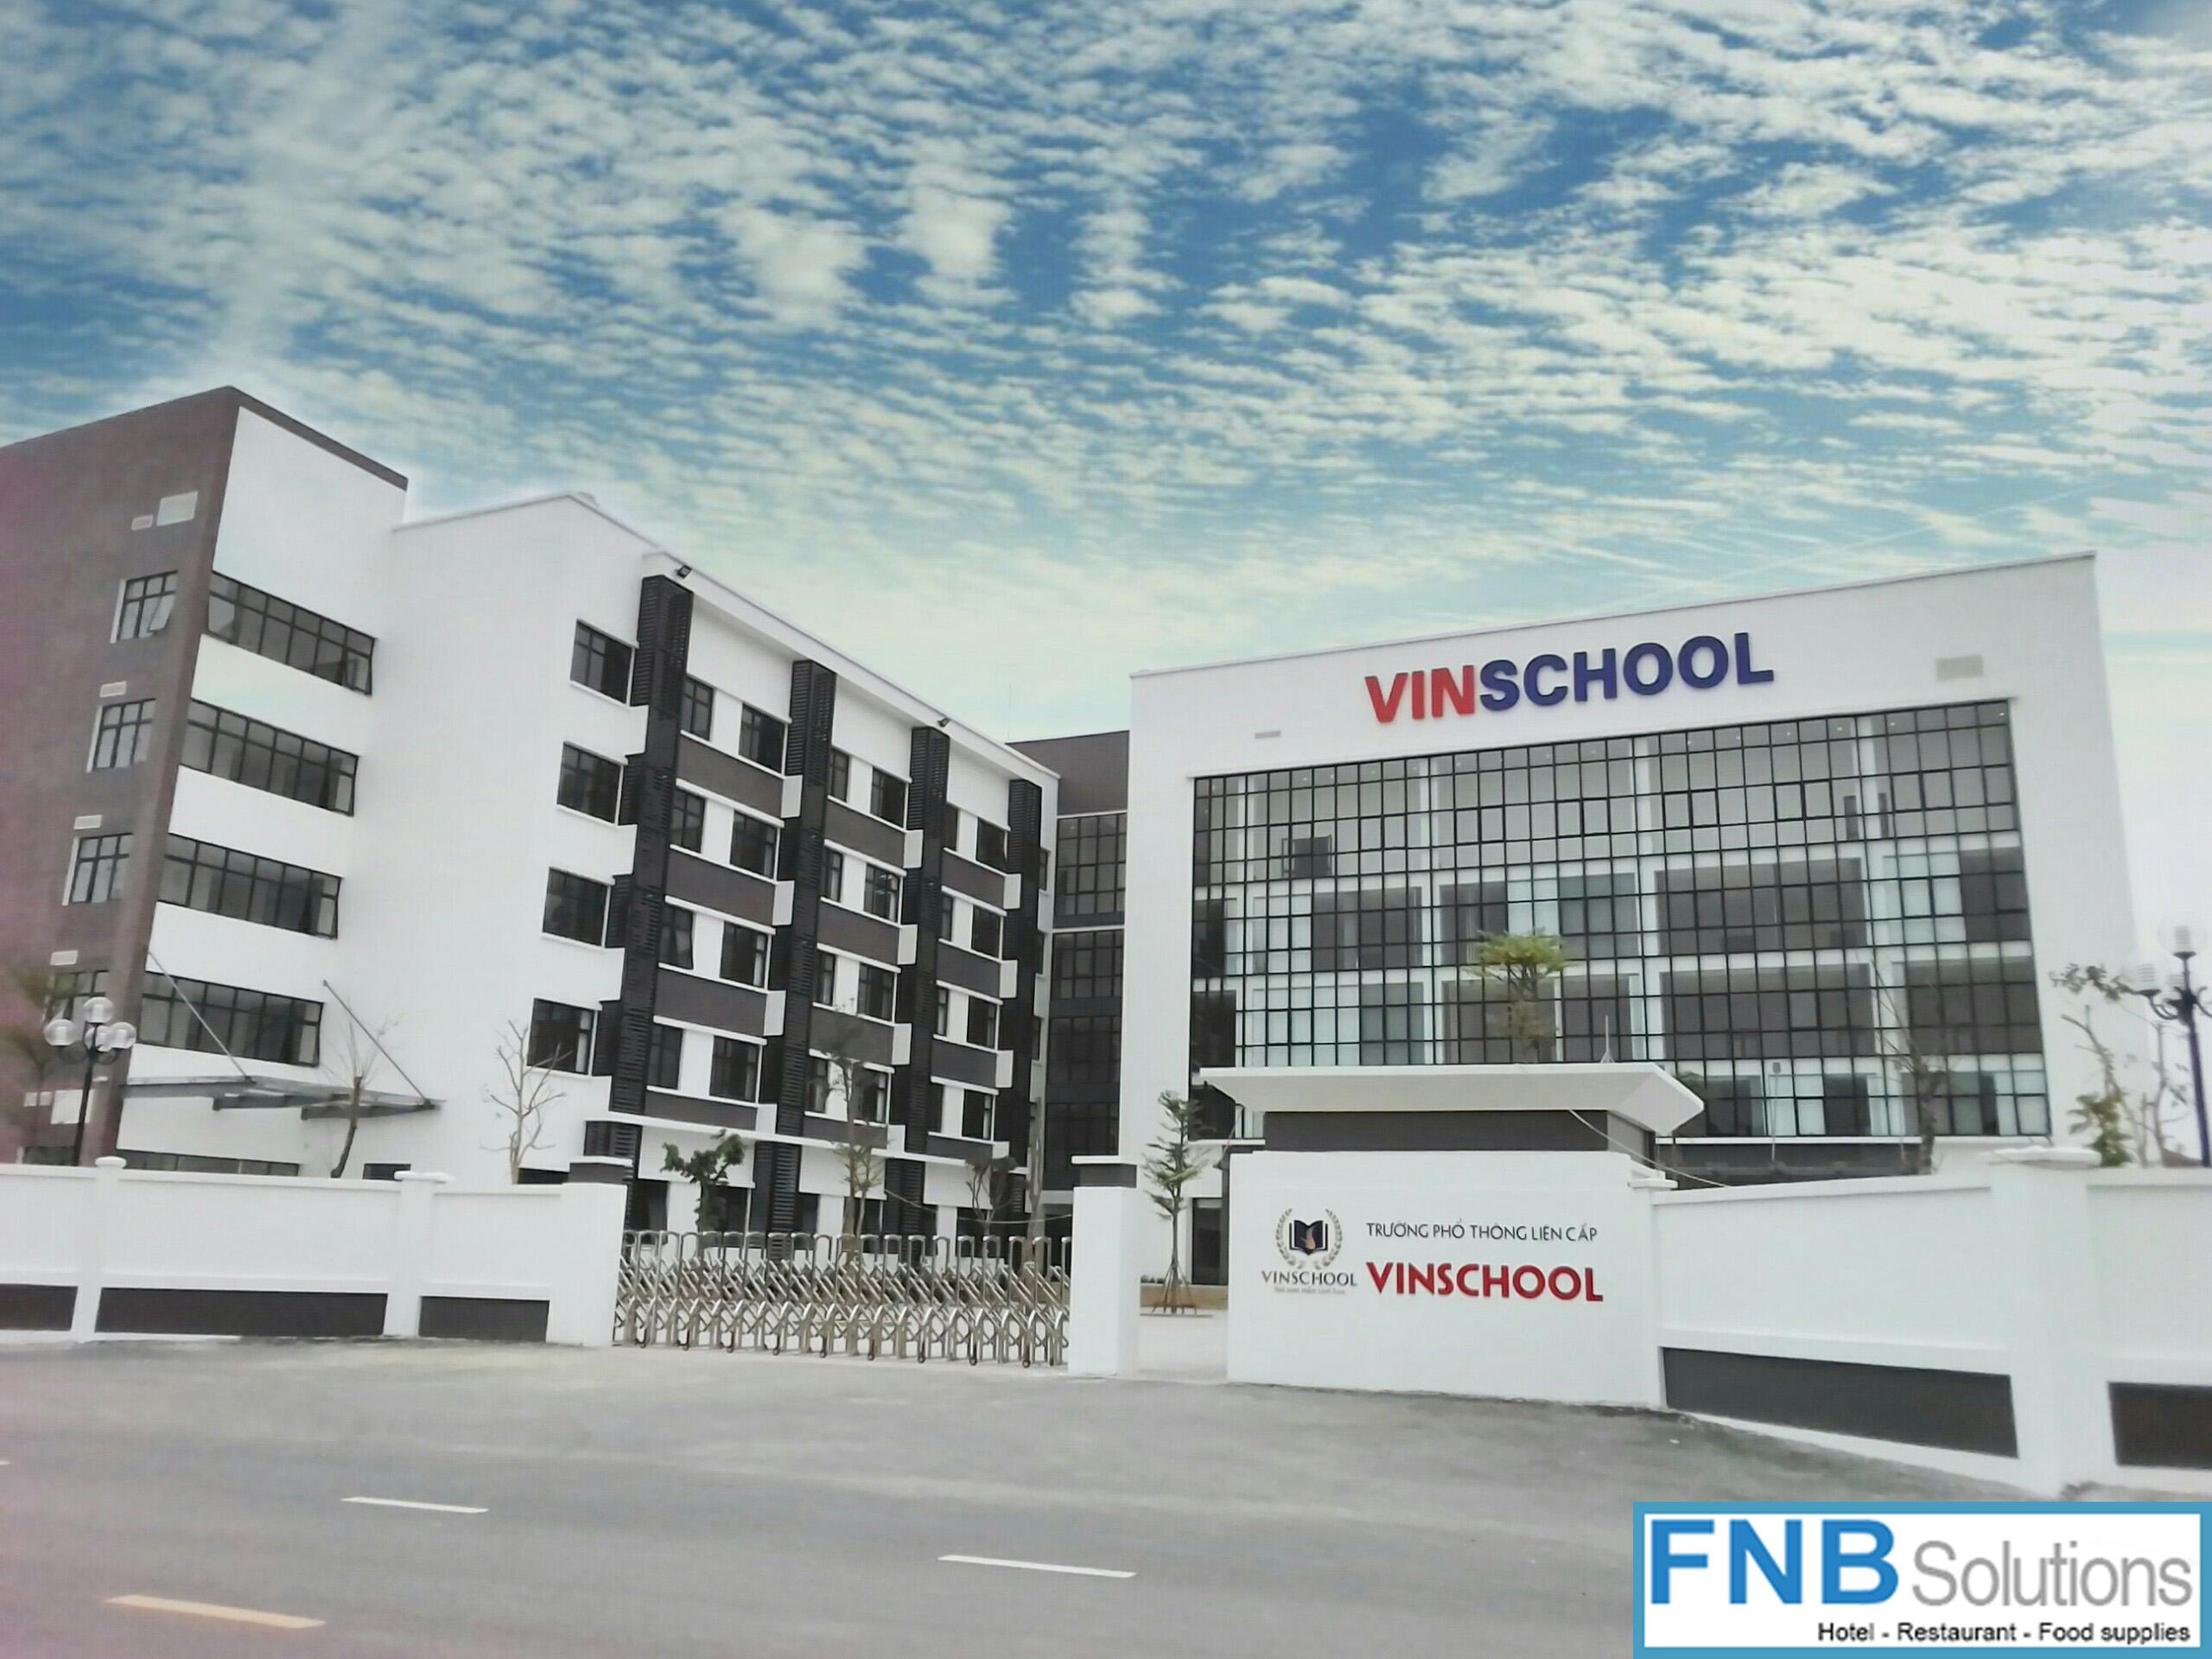 Dự án trường Vinschool Phổ Thông Liên Cấp Nam An Khánh